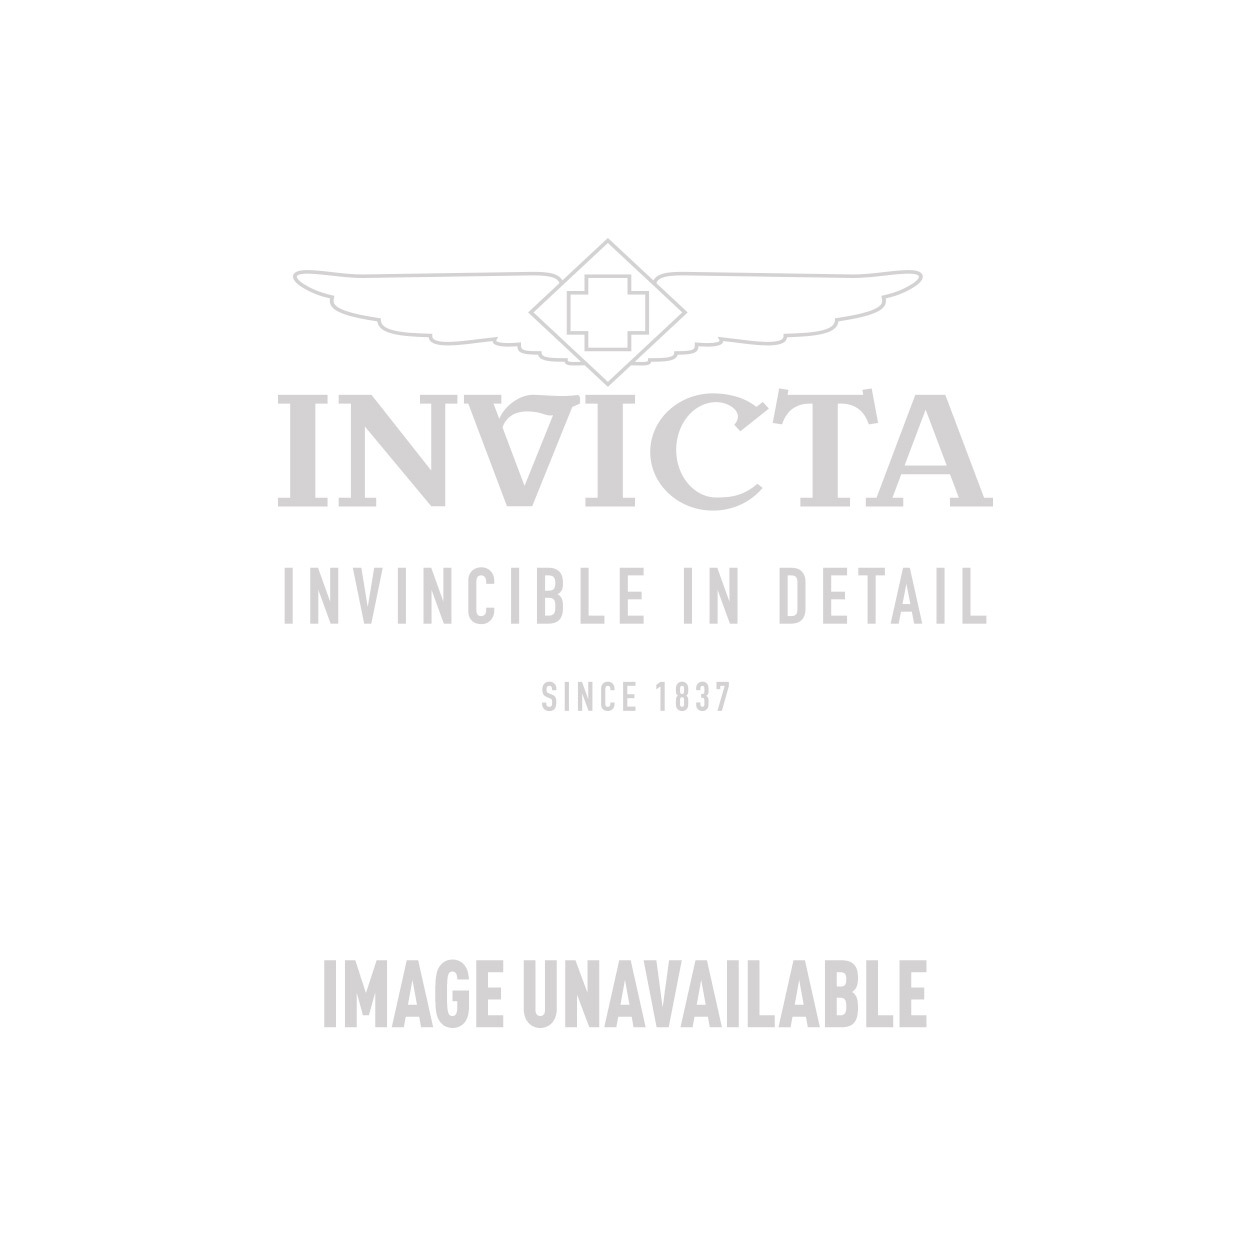 Invicta Model 27094